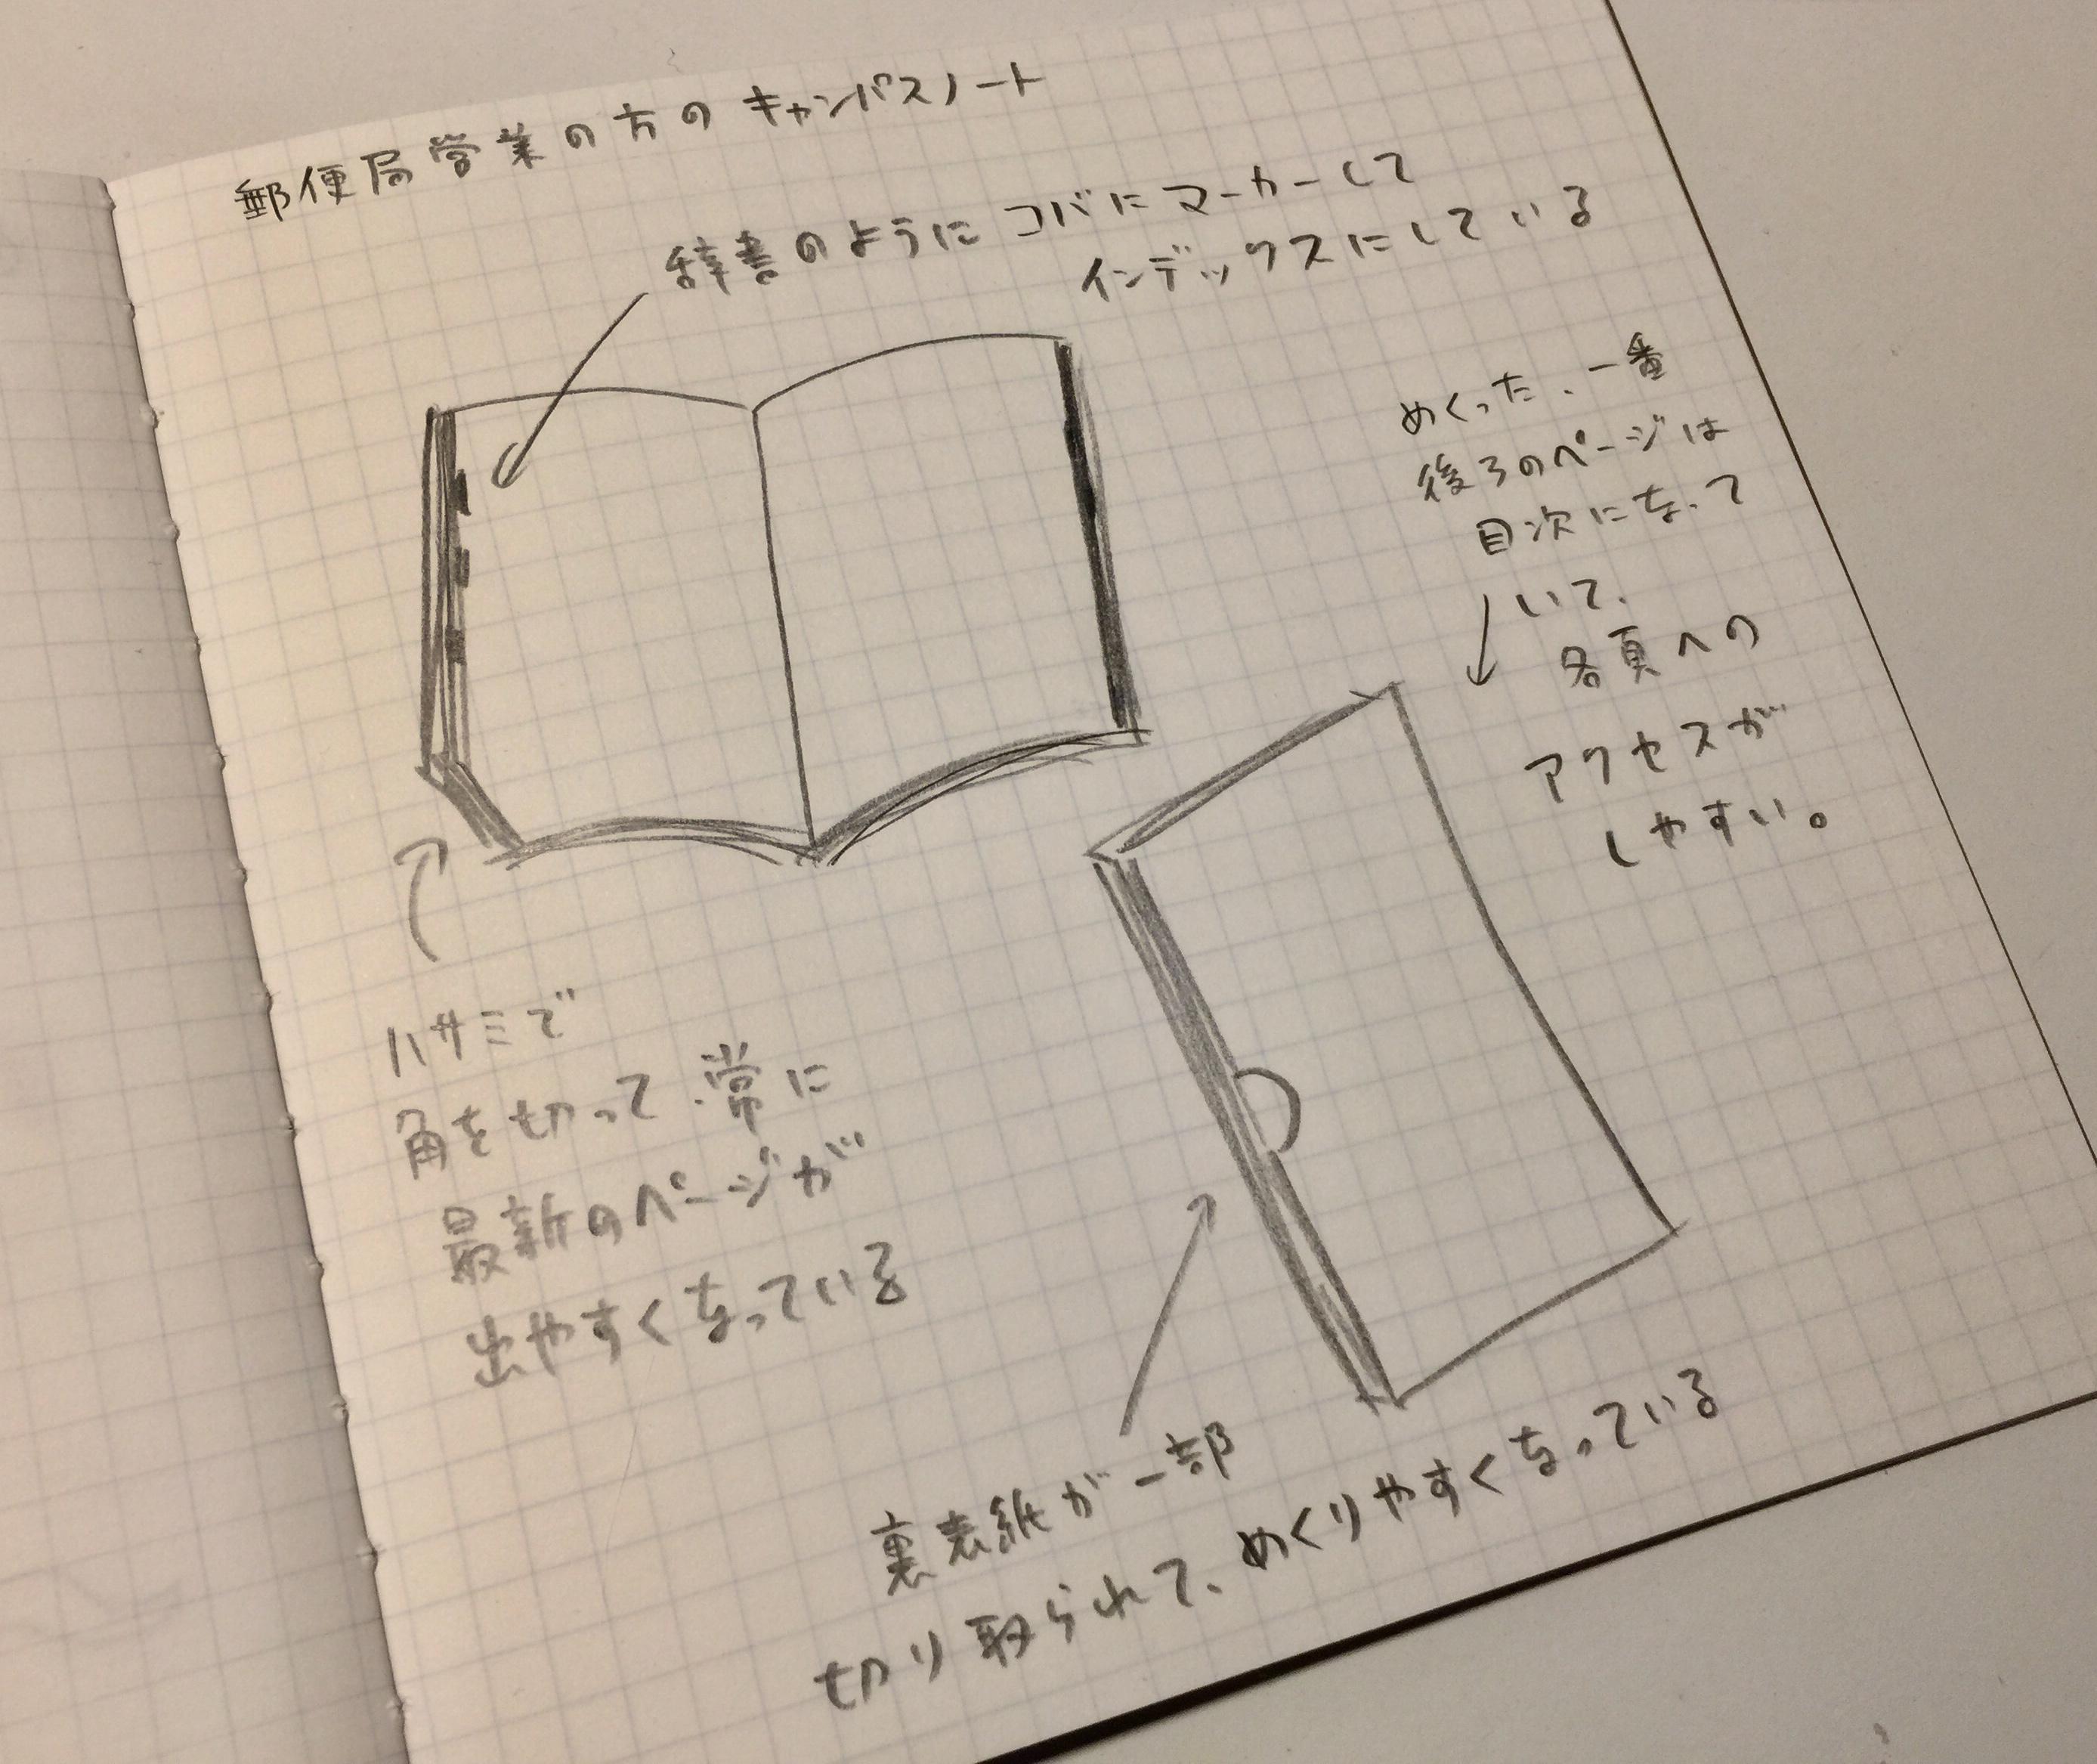 【郵便局営業さんのノート術】がいい感じで話が盛り上がってしまった。